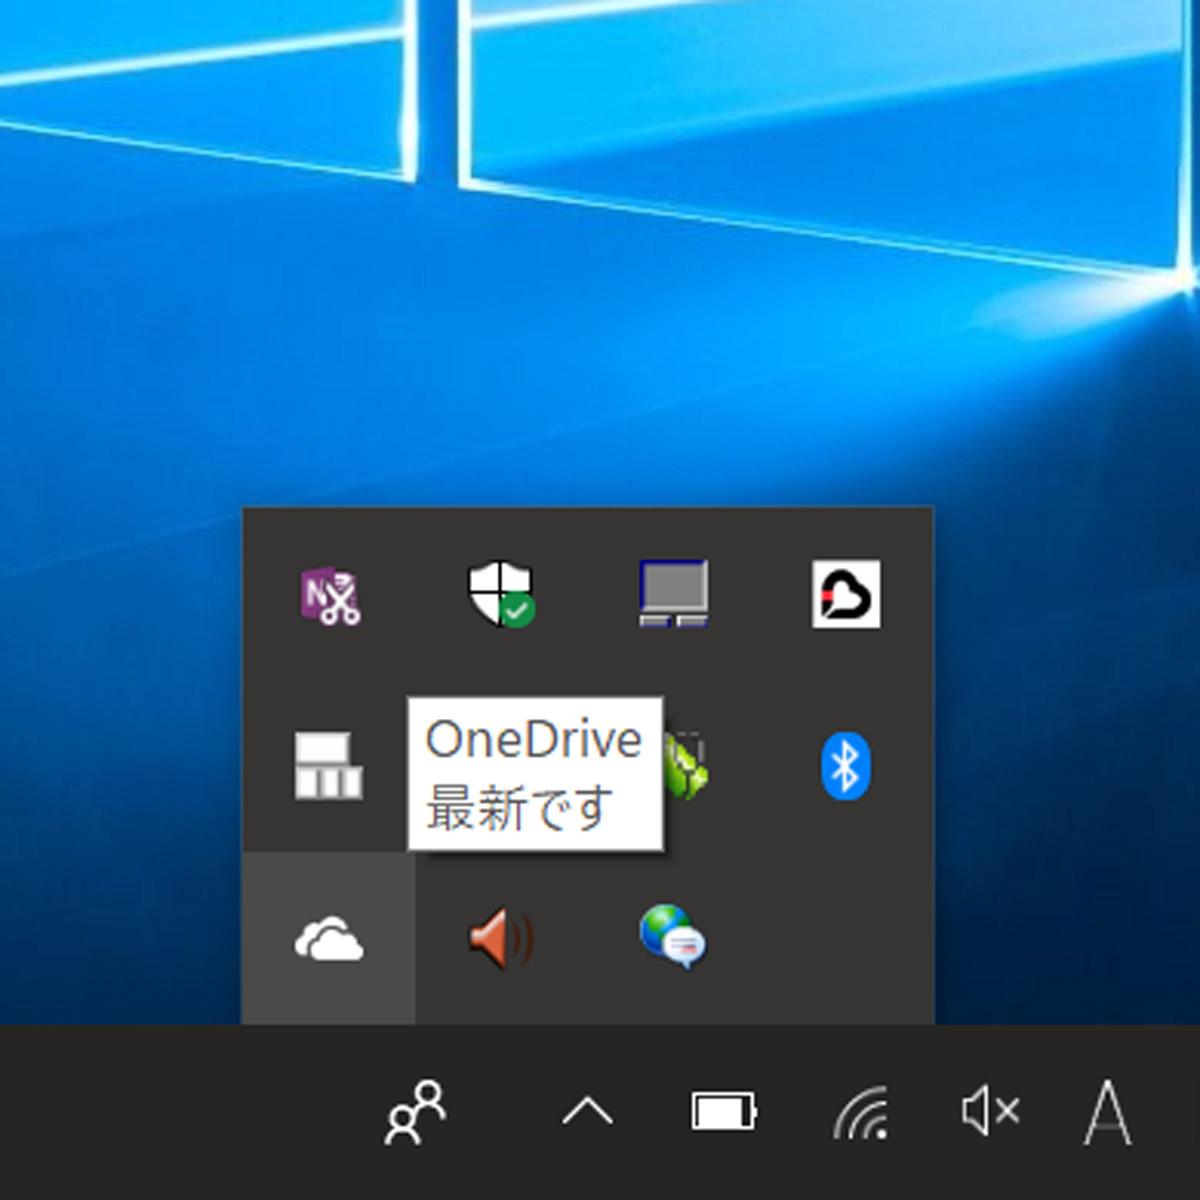 「OneDrive」の自動同期をオフにしてスピードアップ